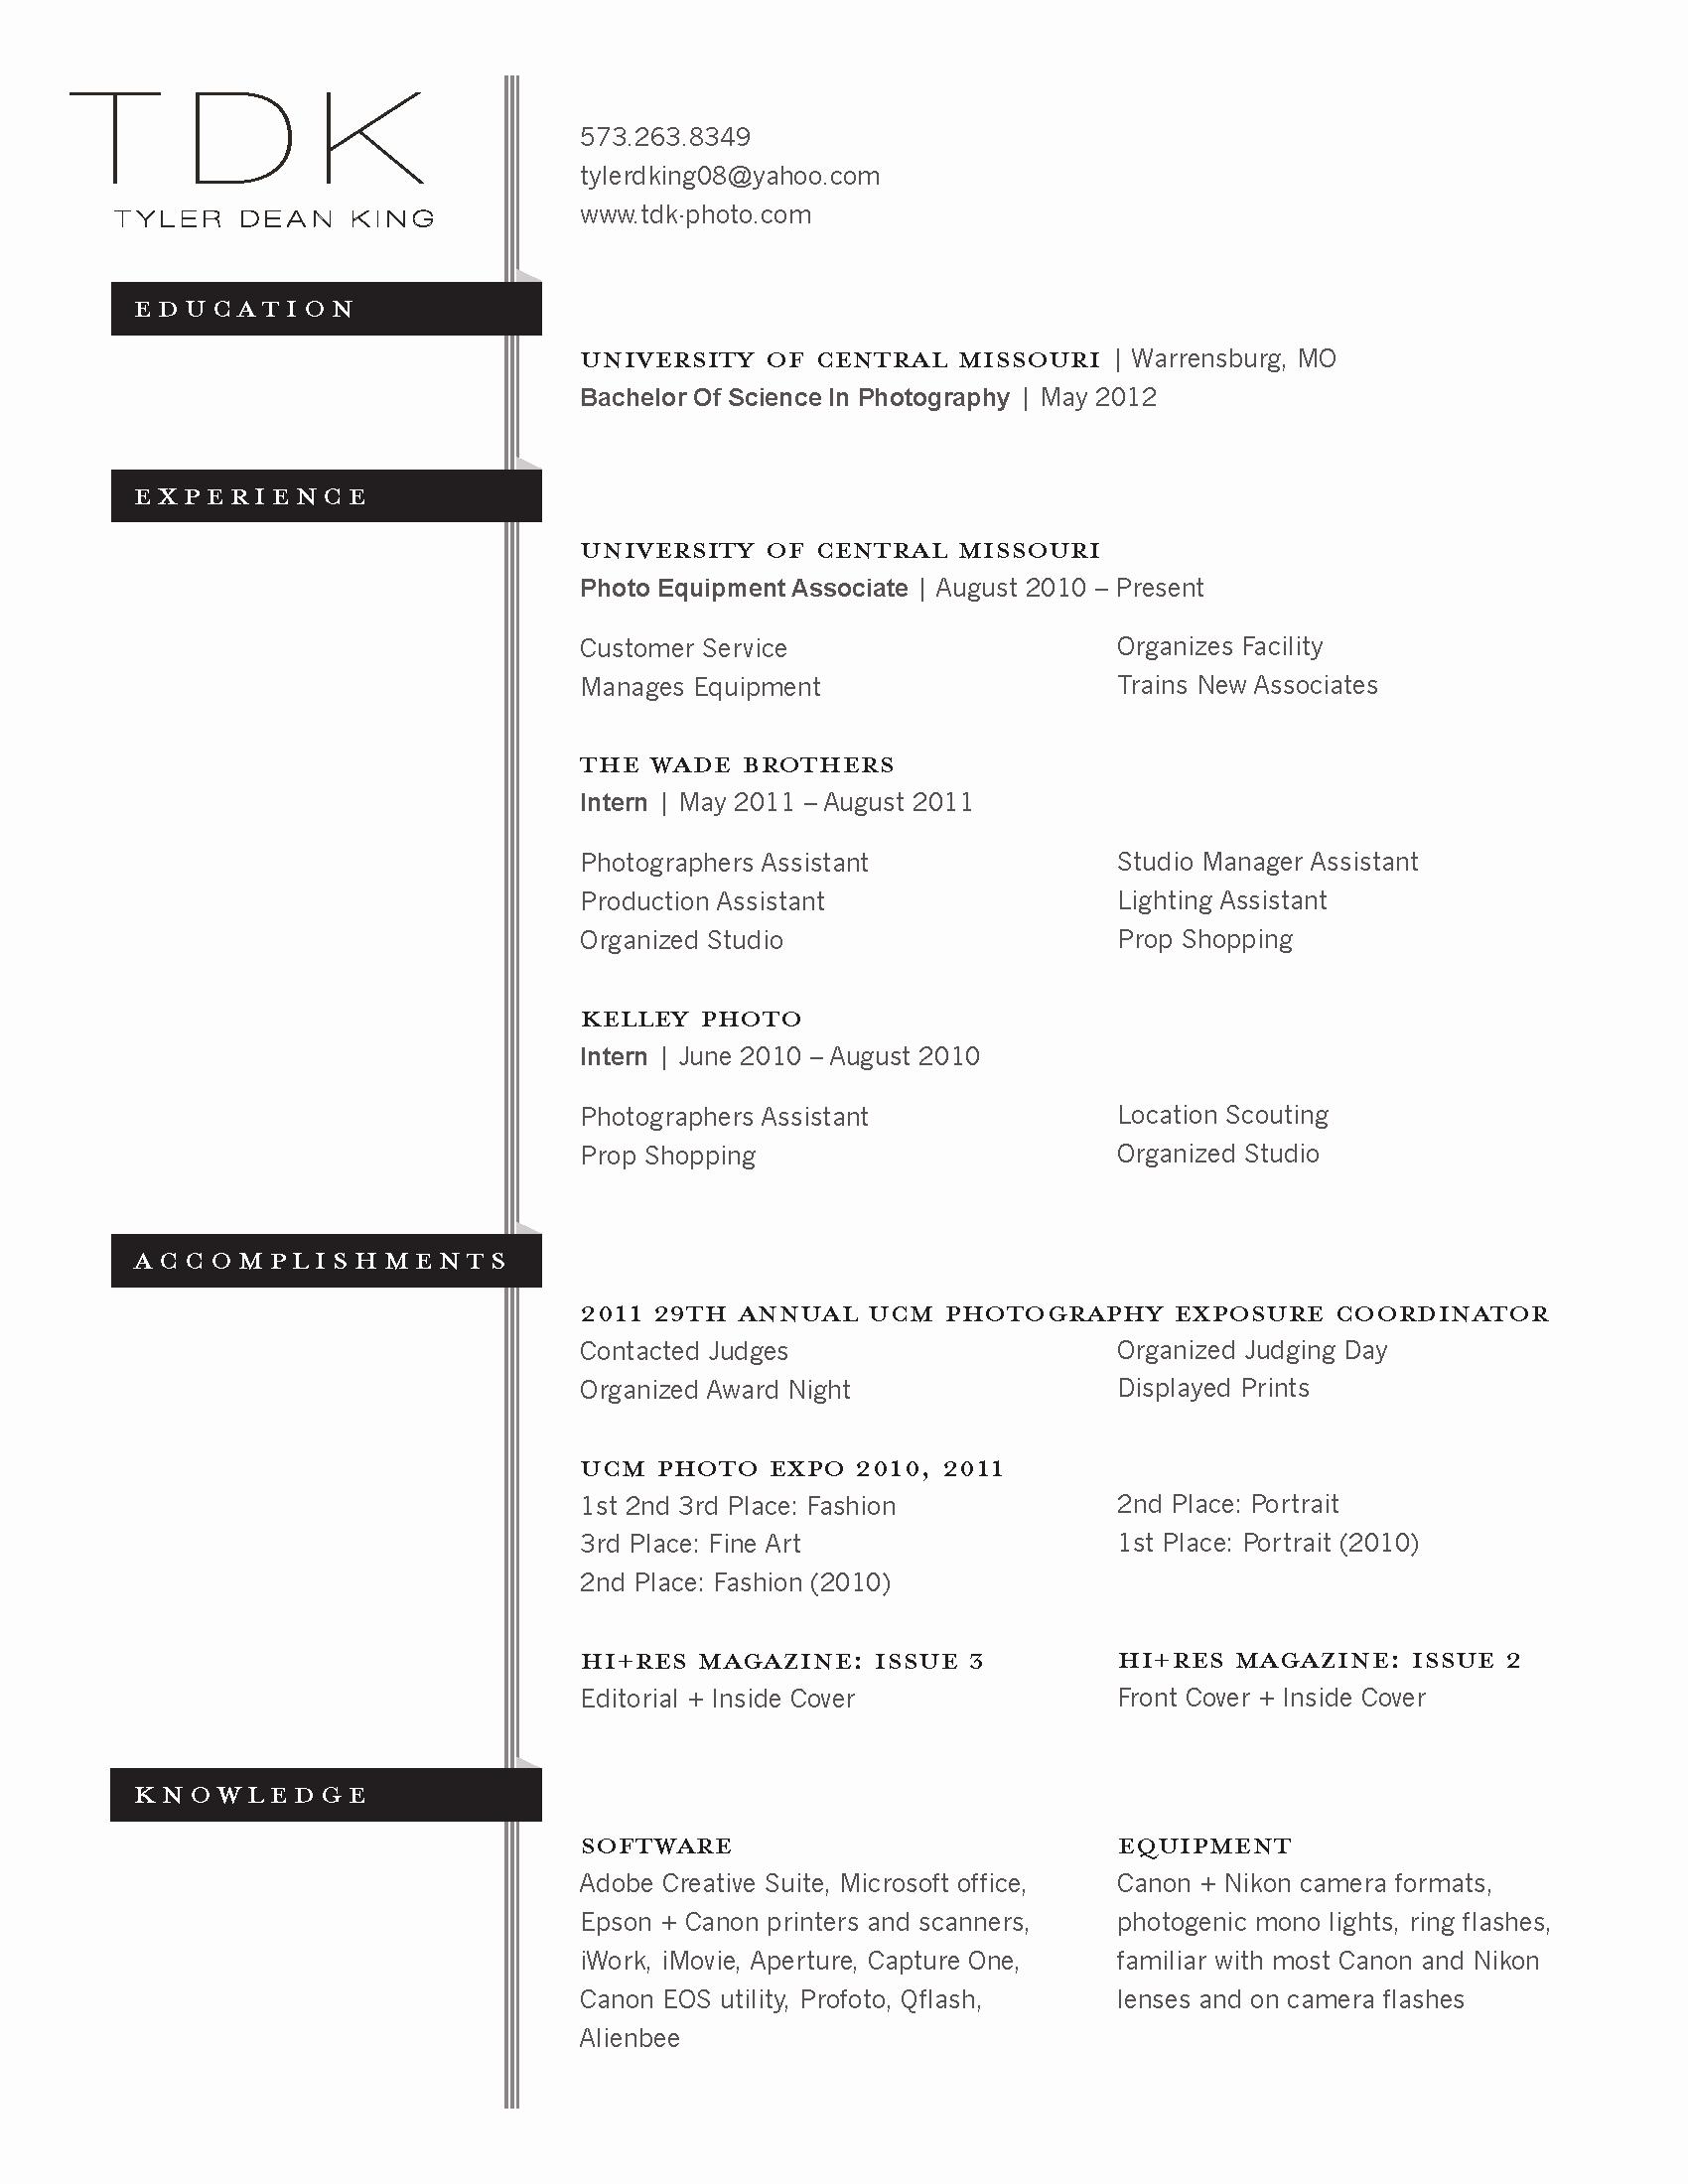 Interior Designer Resume for Fresher Sidemcicek